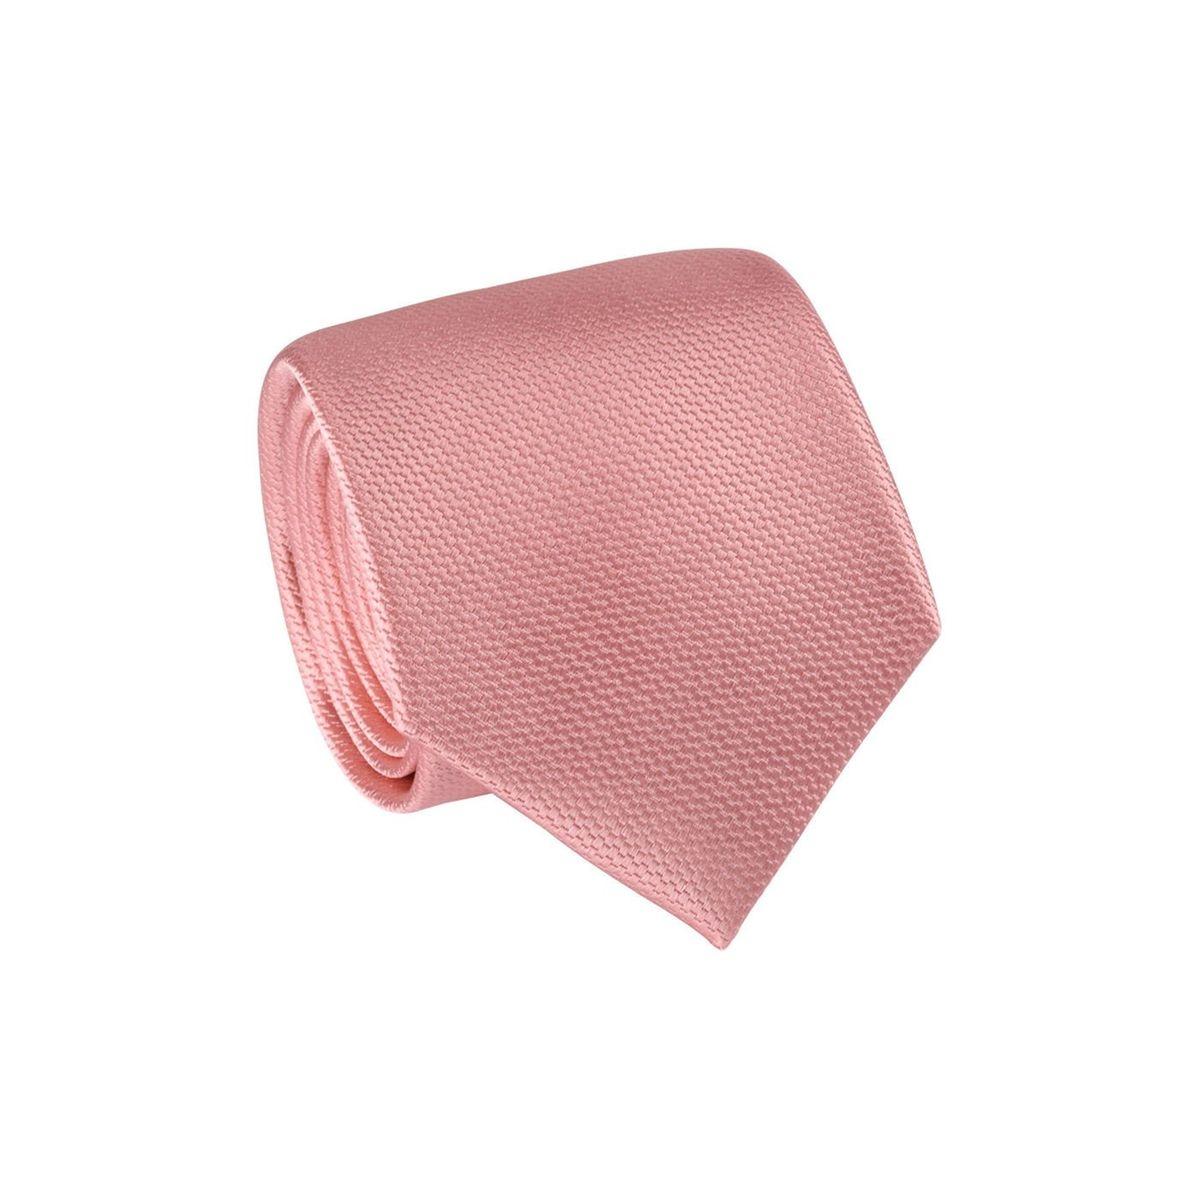 Cravate 100% soie faux uni satiné